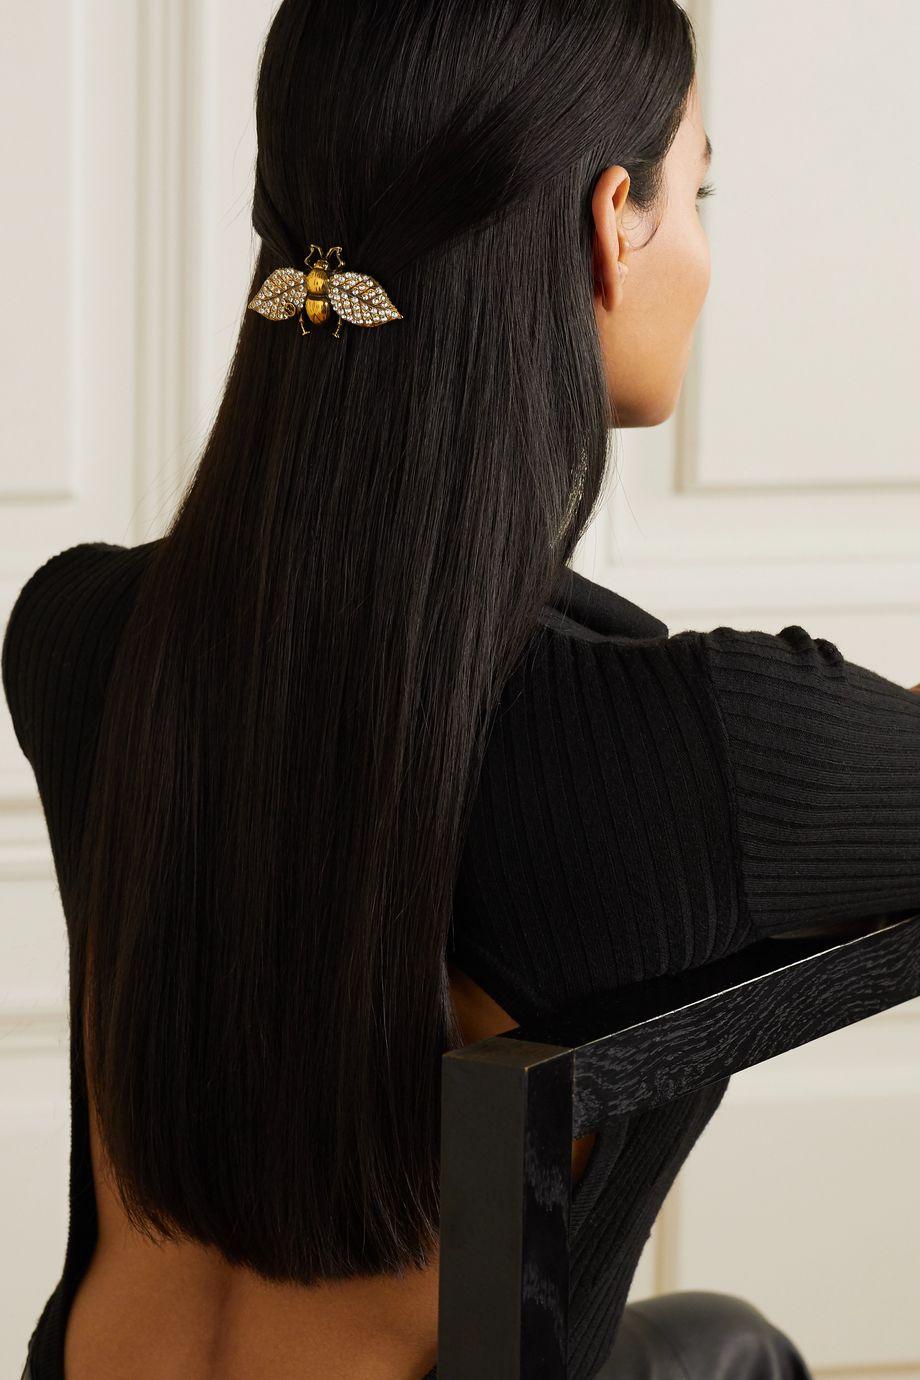 Gucci Goldfarbene Haarspange mit Kristallen